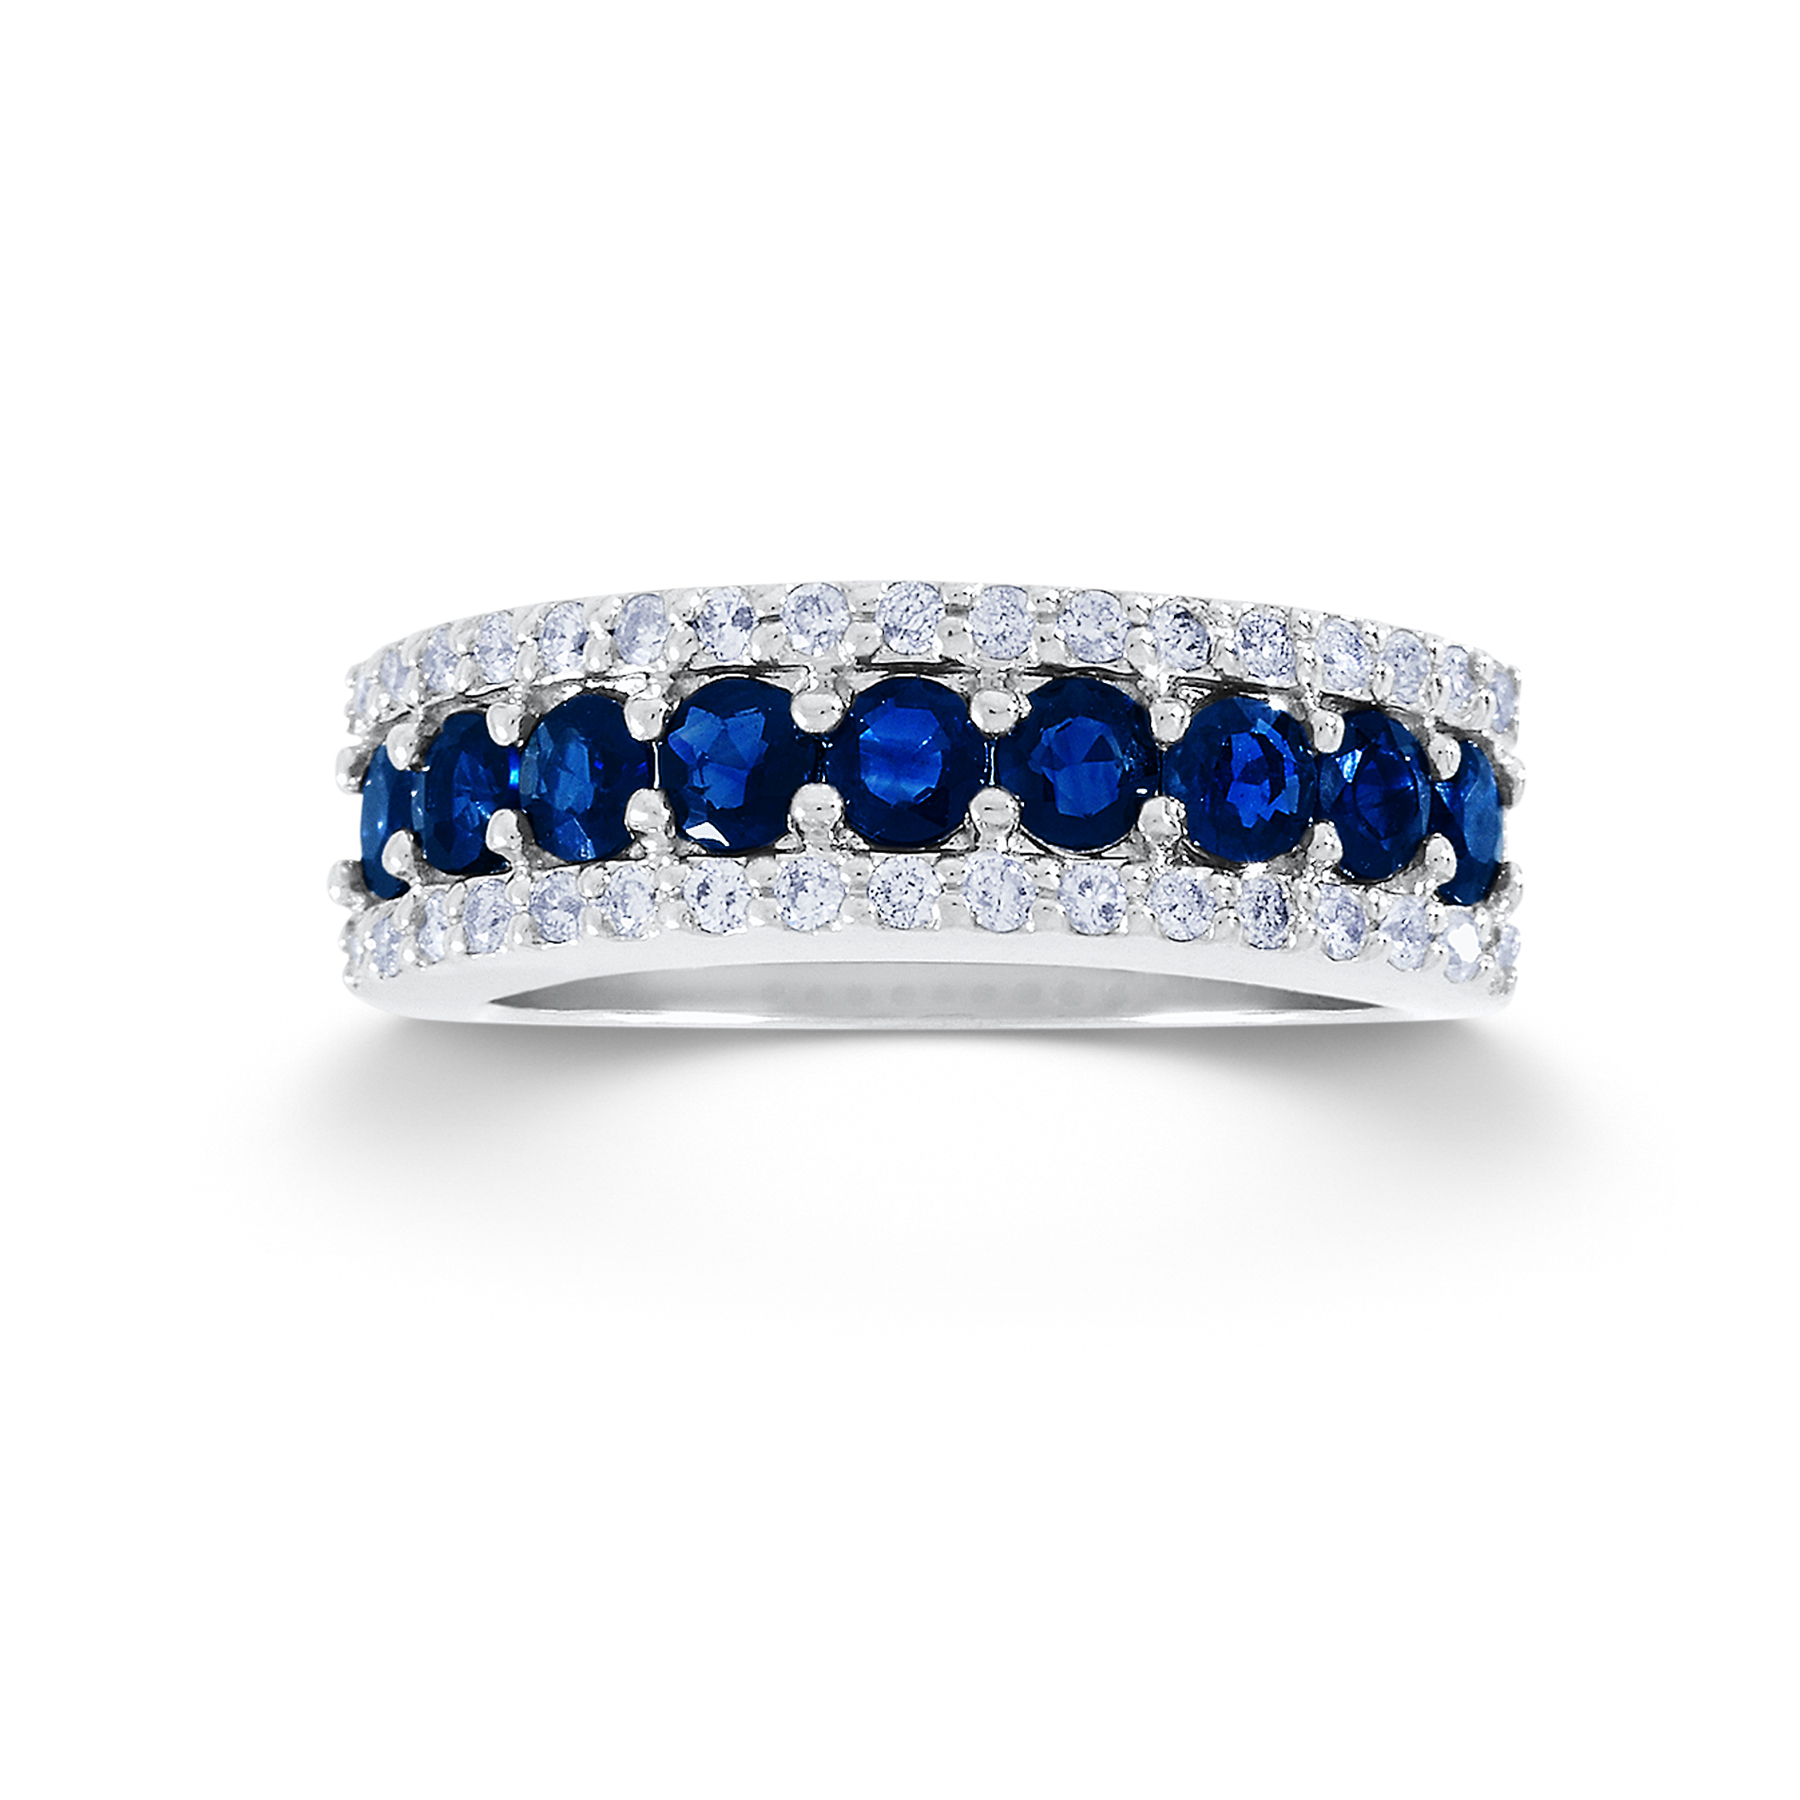 p P sapphire wedding bands 1 3 Cttw Round 10k White Gold Diamond Sapphire Wedding Band Jewelry Rings